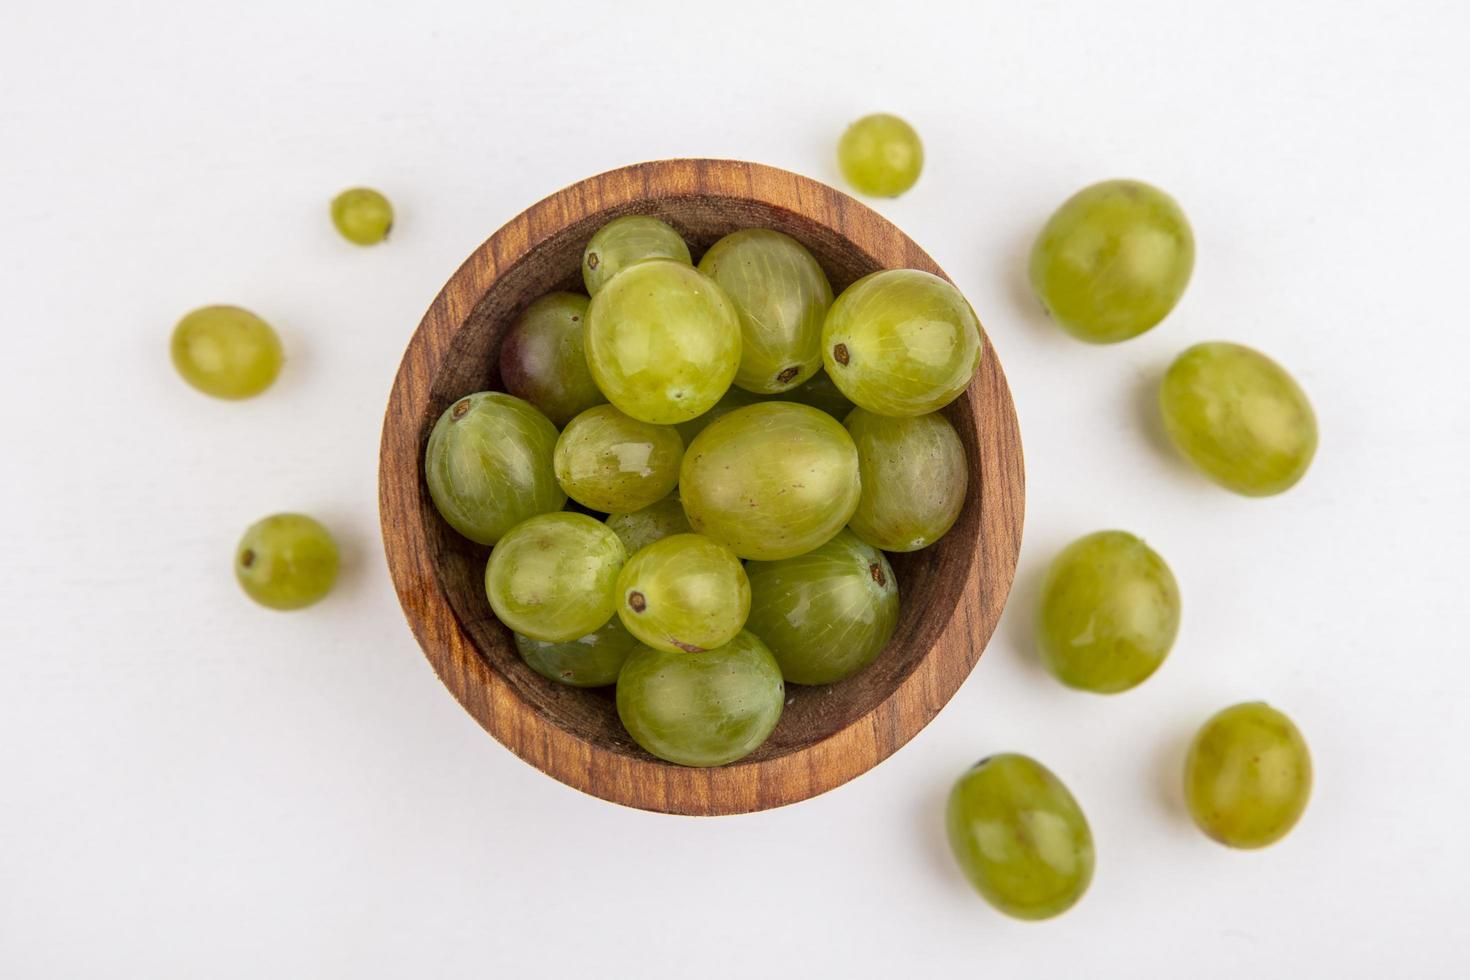 uva bianca in una ciotola su sfondo bianco foto